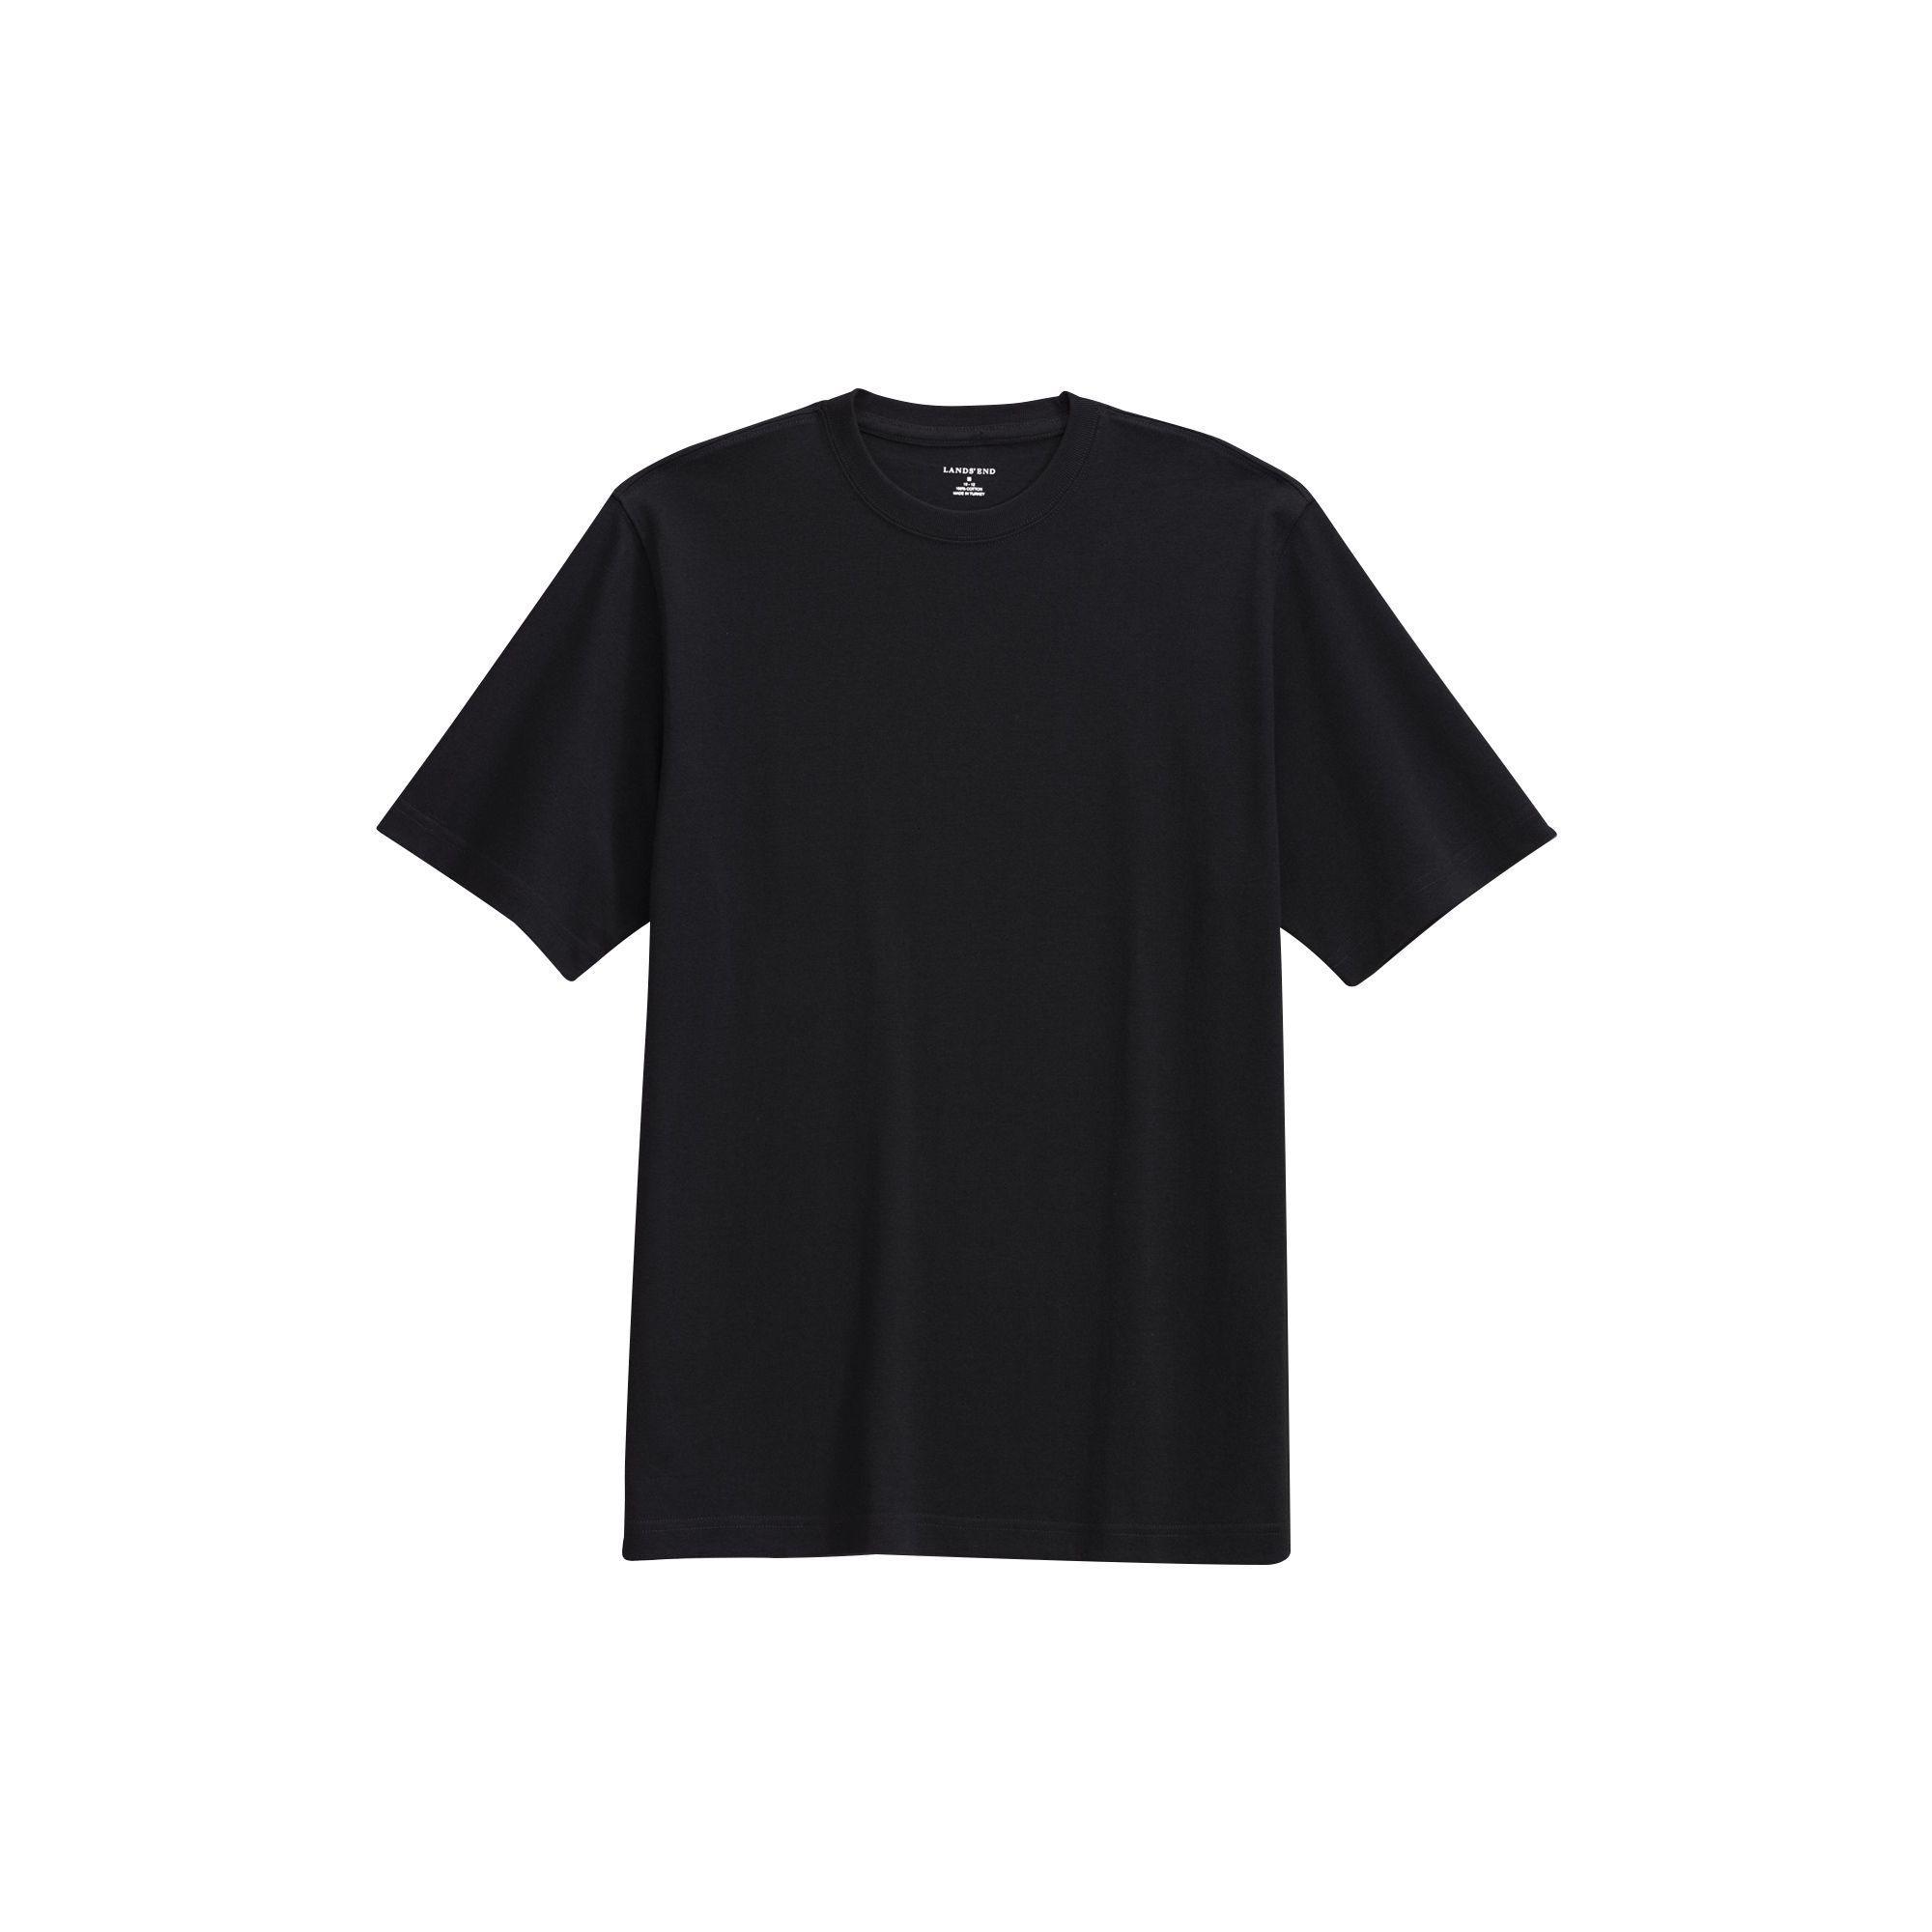 Lands  End Black Short Sleeve Super T-shirt in Black for Men - Lyst 9f4ee1d386f